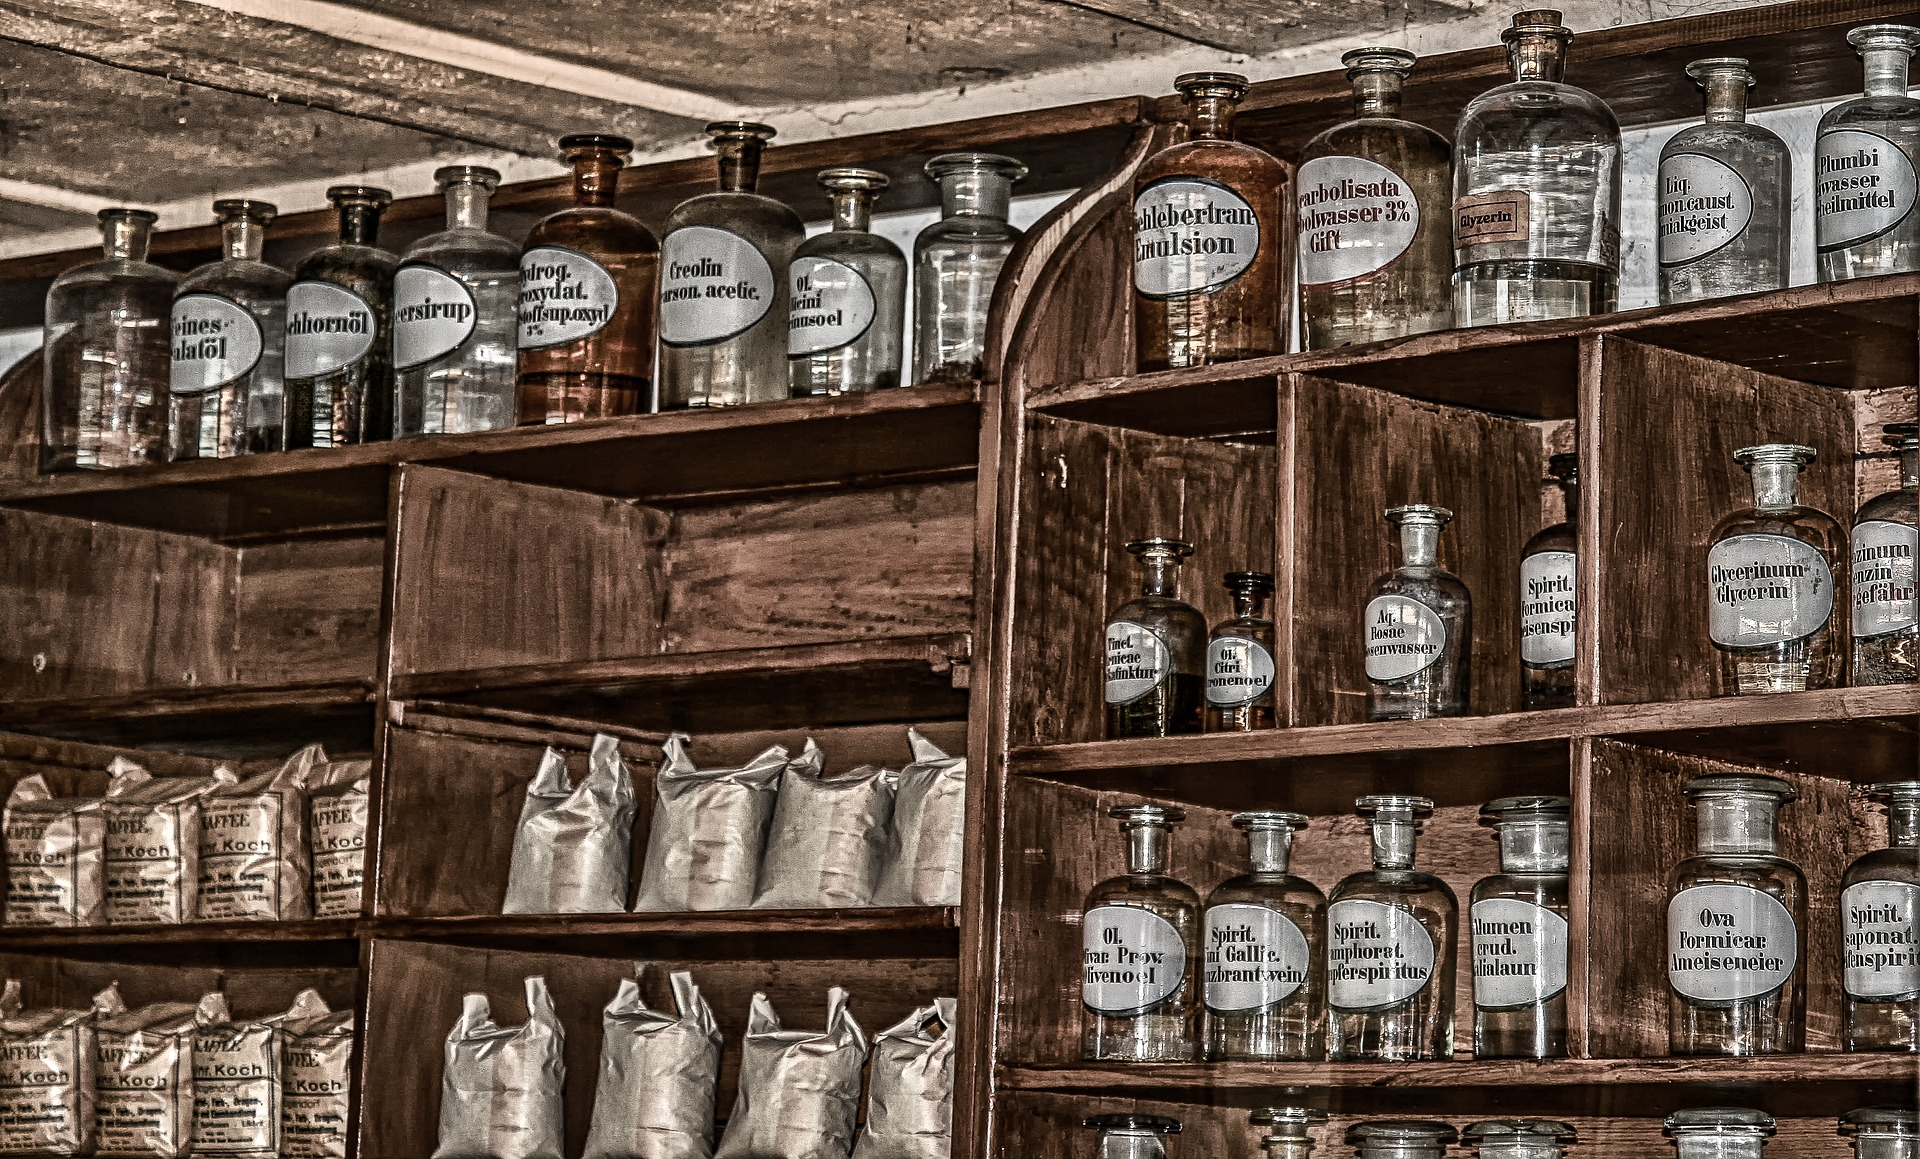 Kuvassa on vanhan apteekin puinen hyllykkö, jossa on kymmeniä lasipurkkeja ja pusseja..